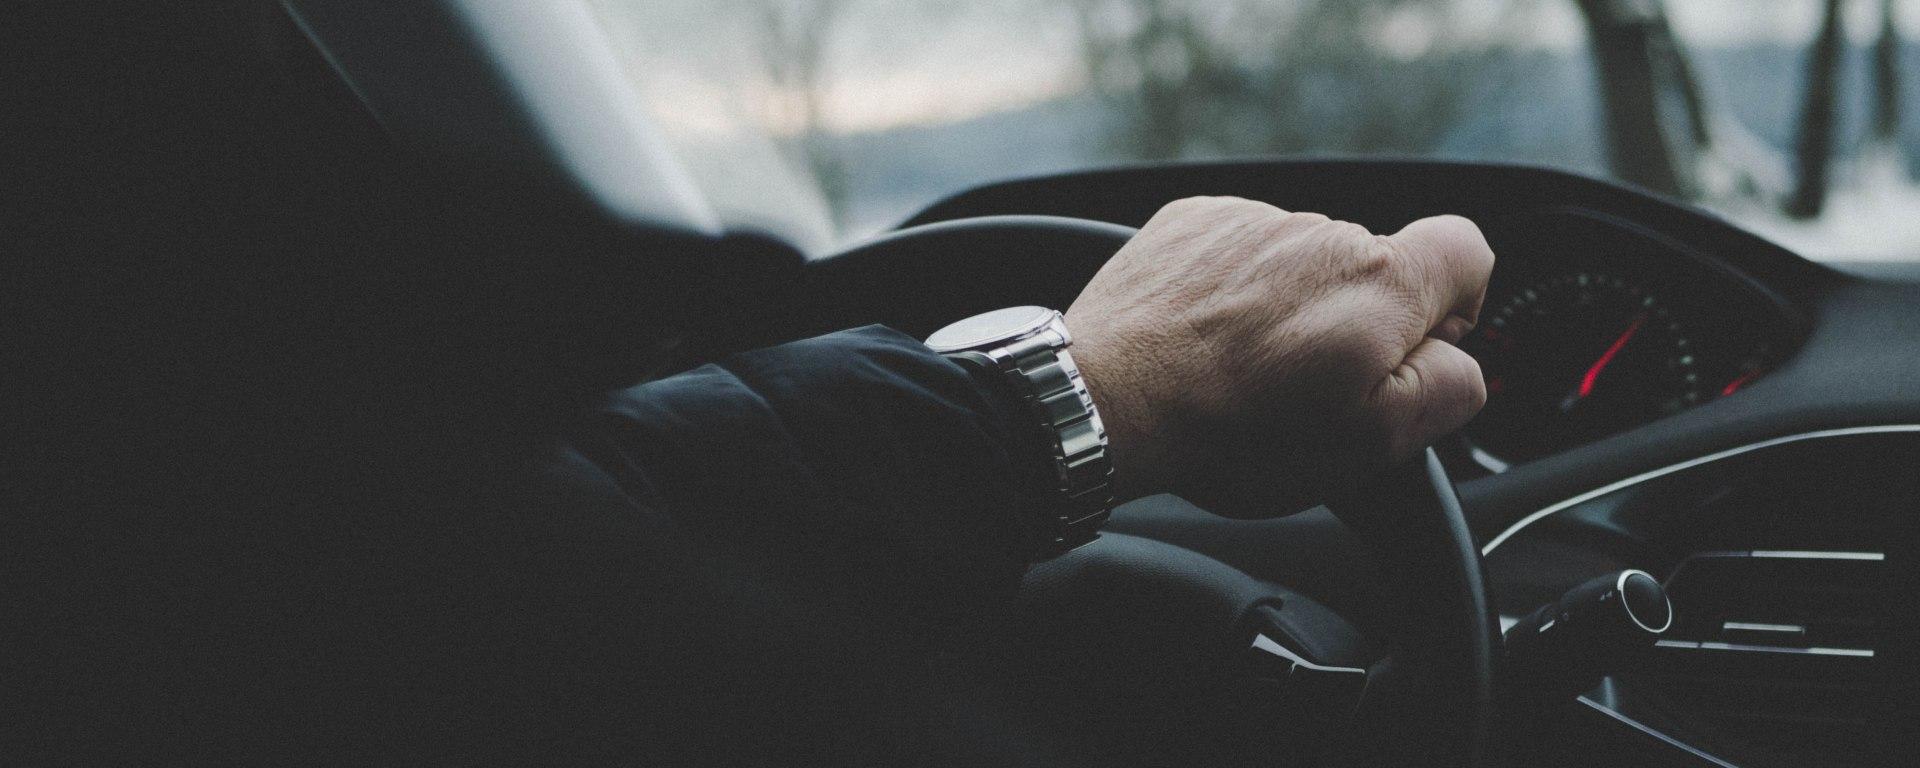 Hand over steering wheel